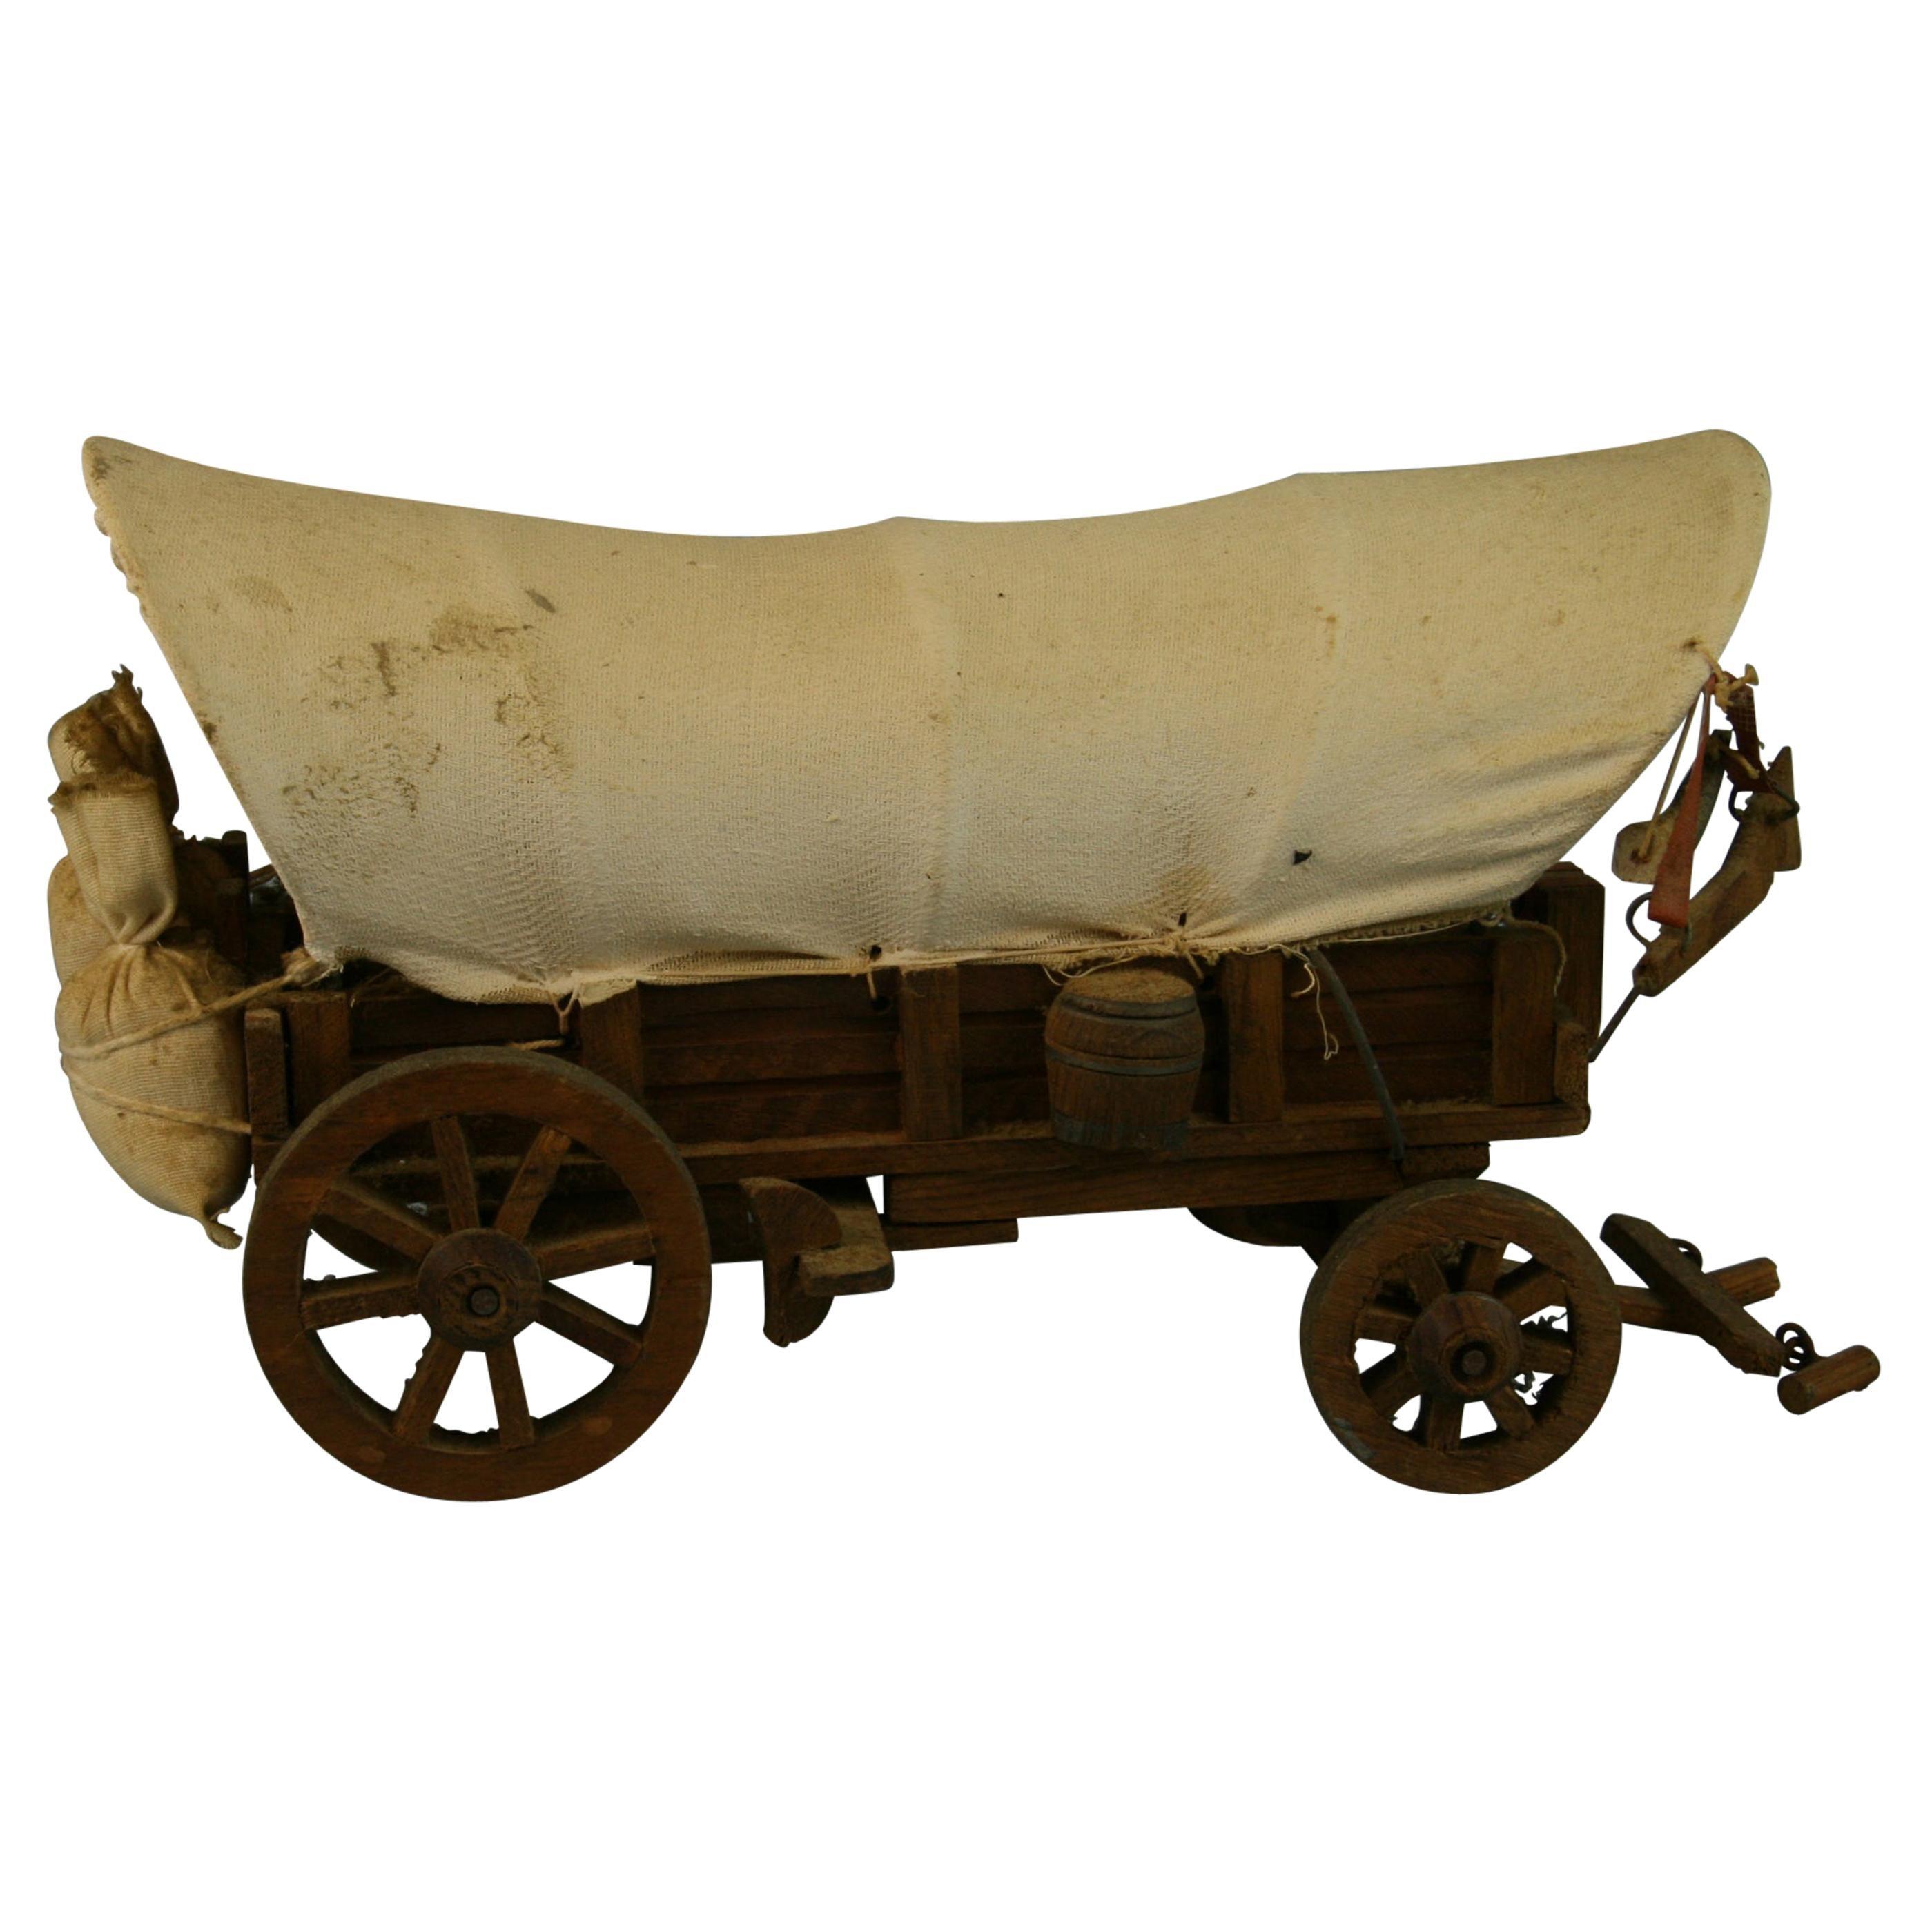 Folk Art Detailed Model of a Conestoga Wagon